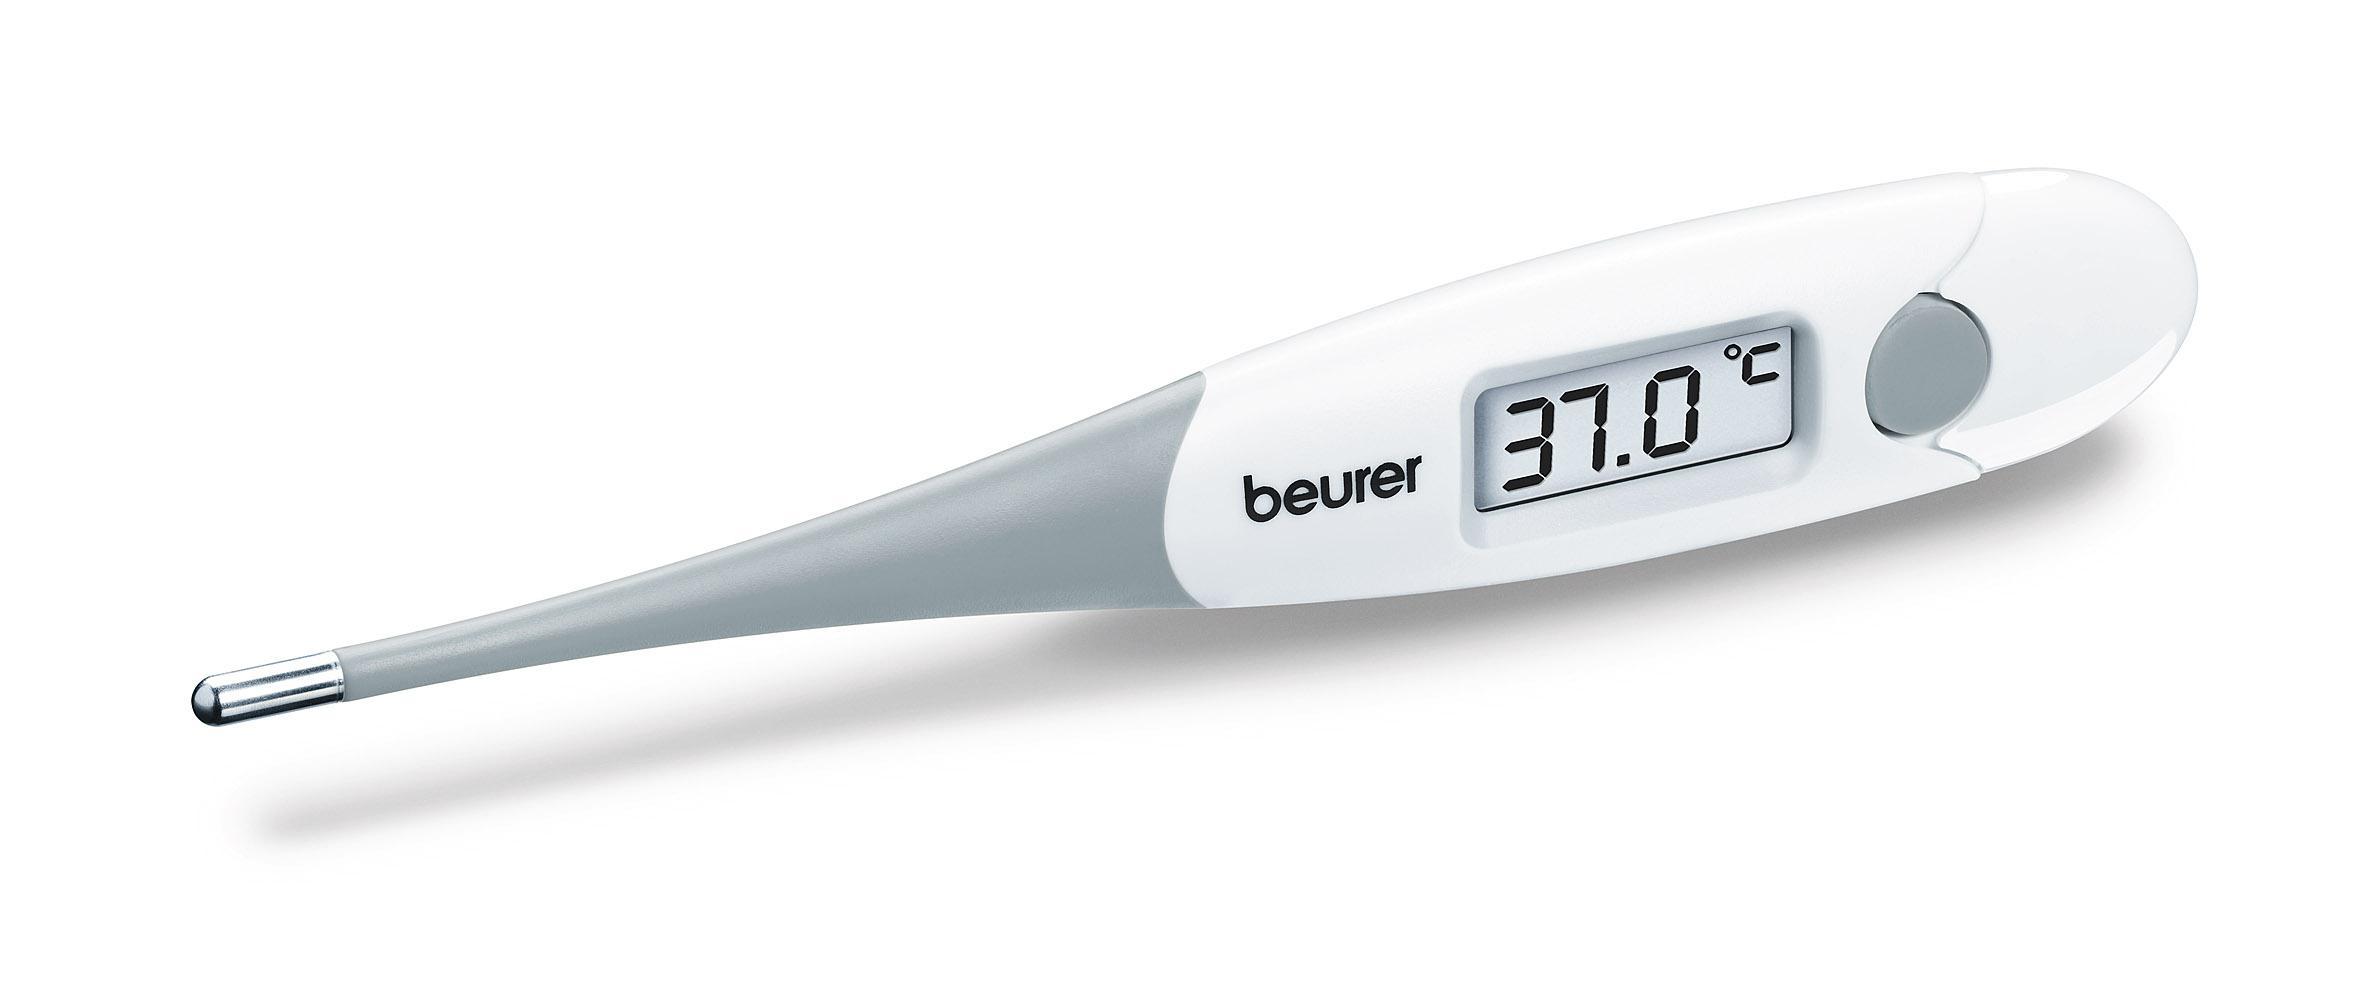 Nhiệt kế điện tử đầu mềm Beurer - FT15/1